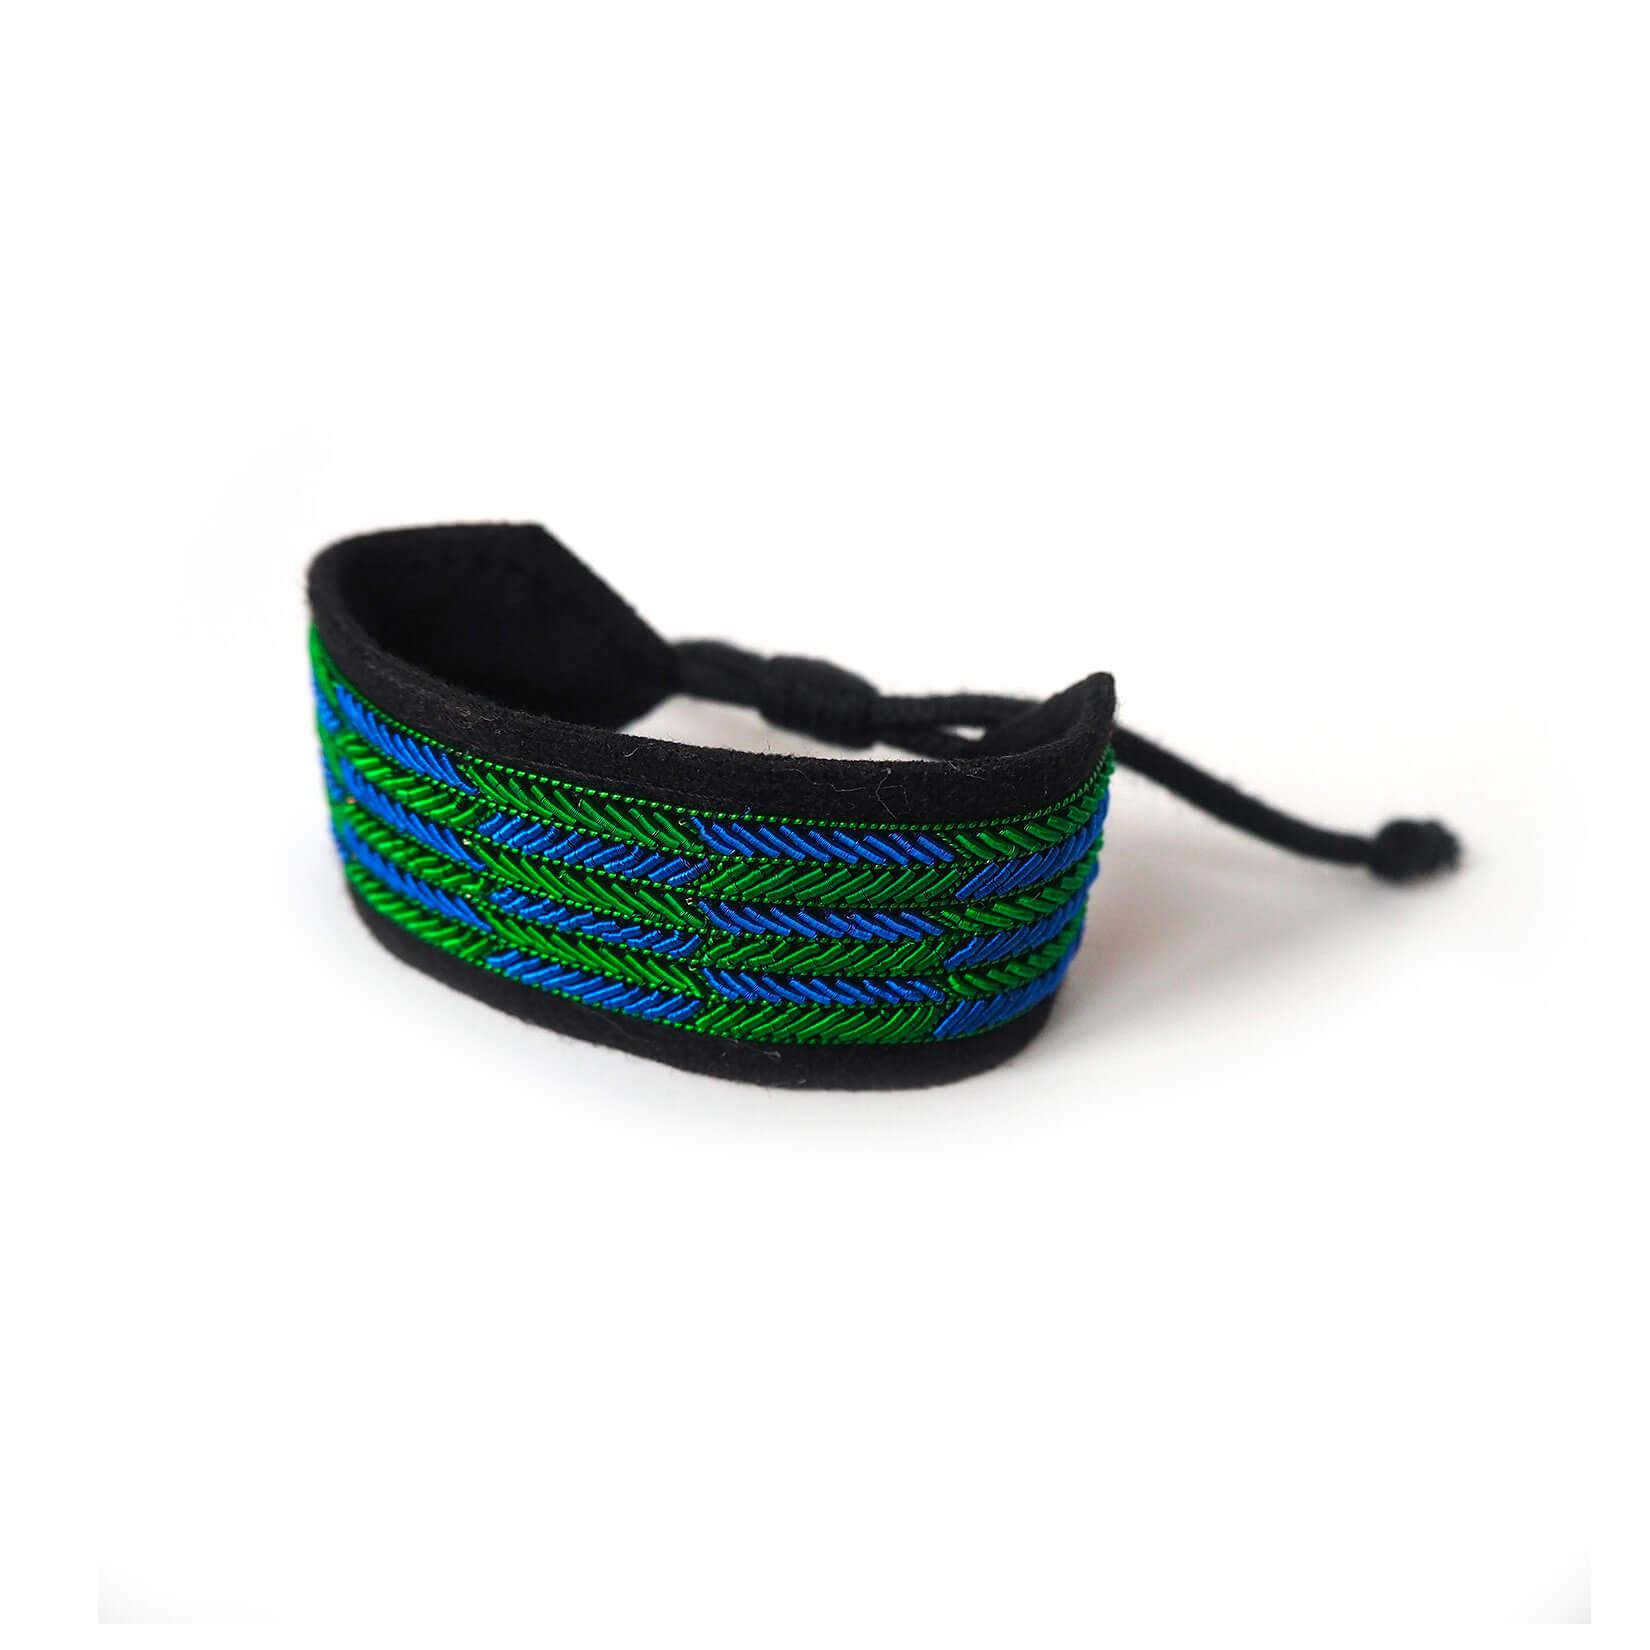 印度丝手工刺绣腕带手链,们的手链是拉普兰因纽特人的成就的结晶。